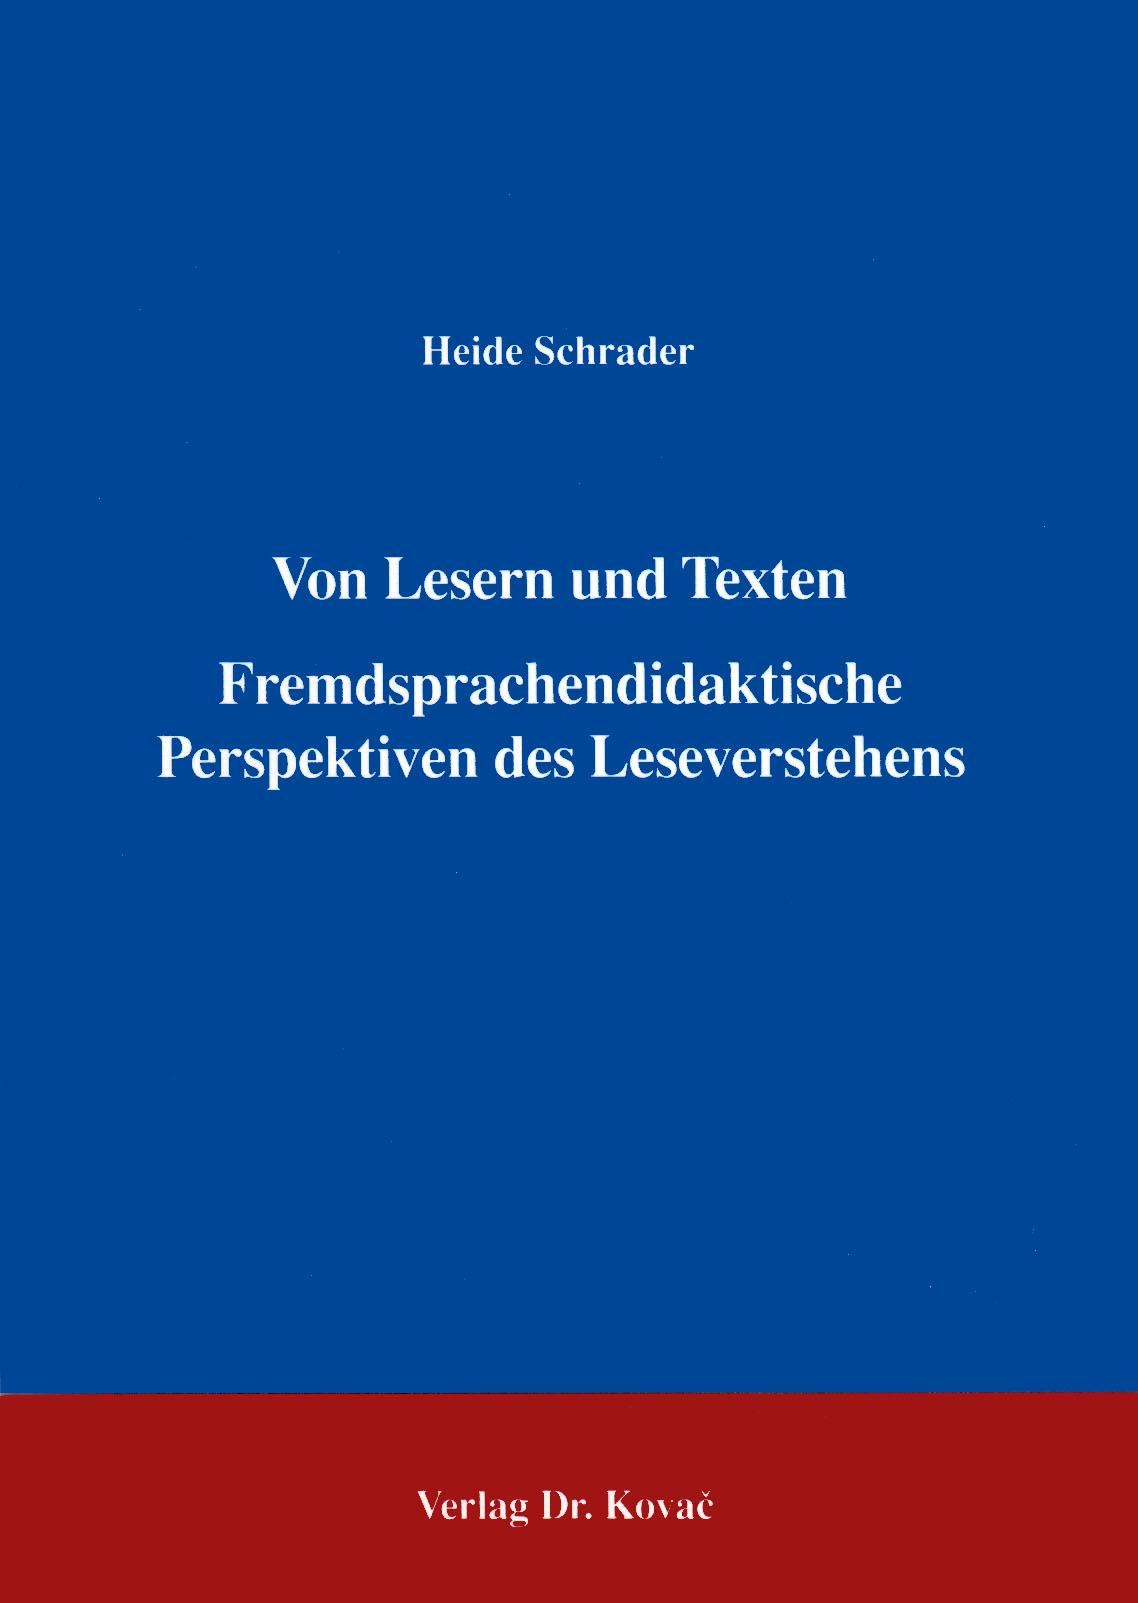 Cover: Von Lesern und Texten Fremdsprachendidaktische Perspektiven des Leseverstehens